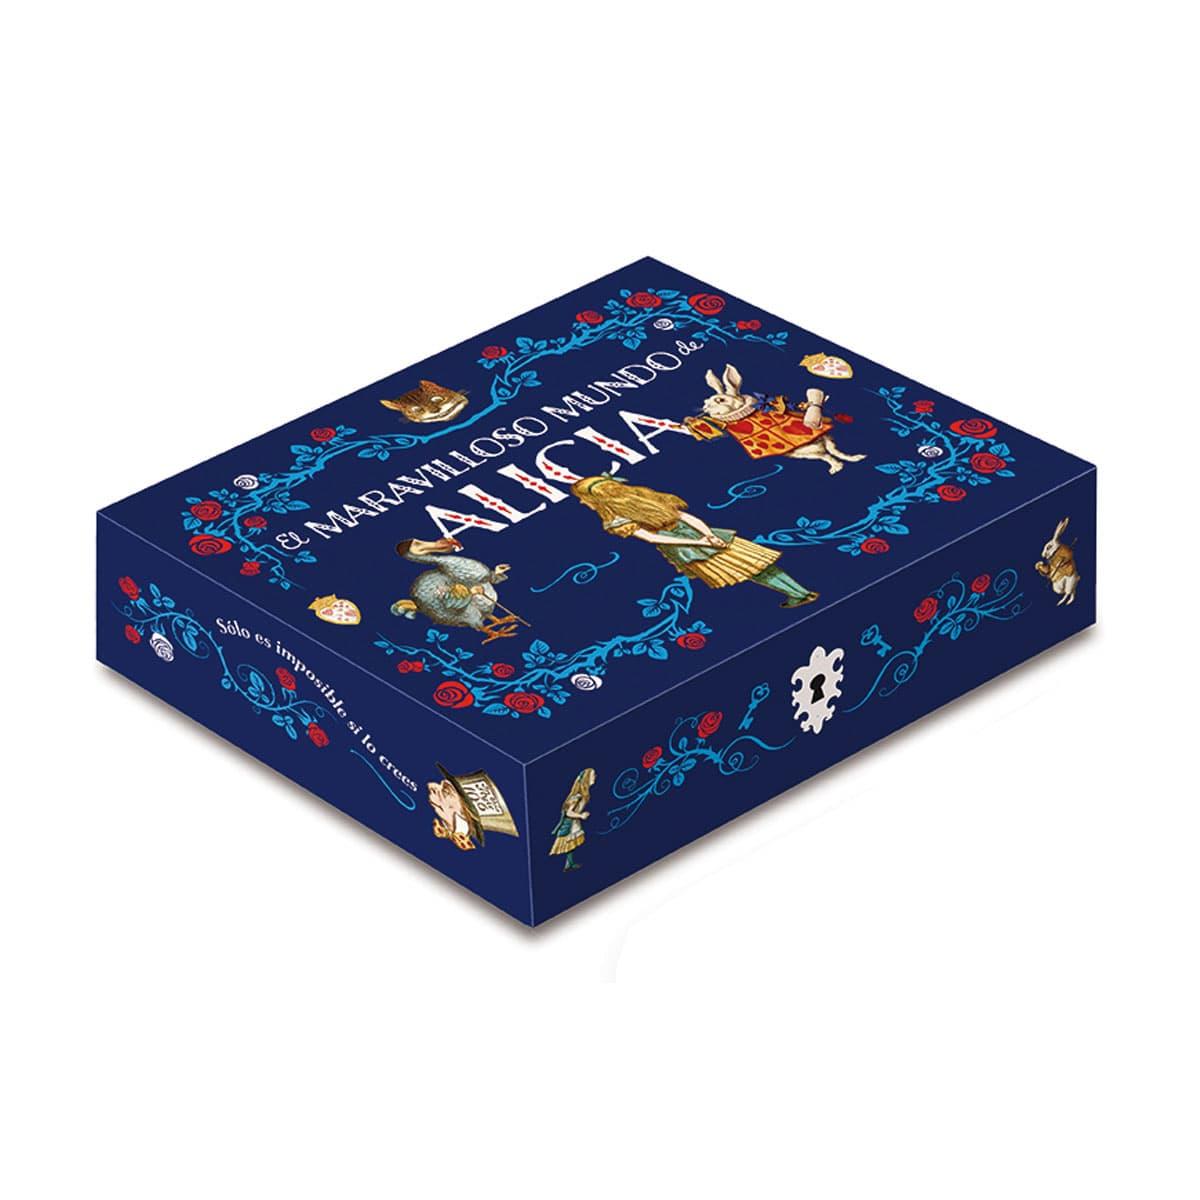 Caja regalo: El maravilloso mundo de Alicia